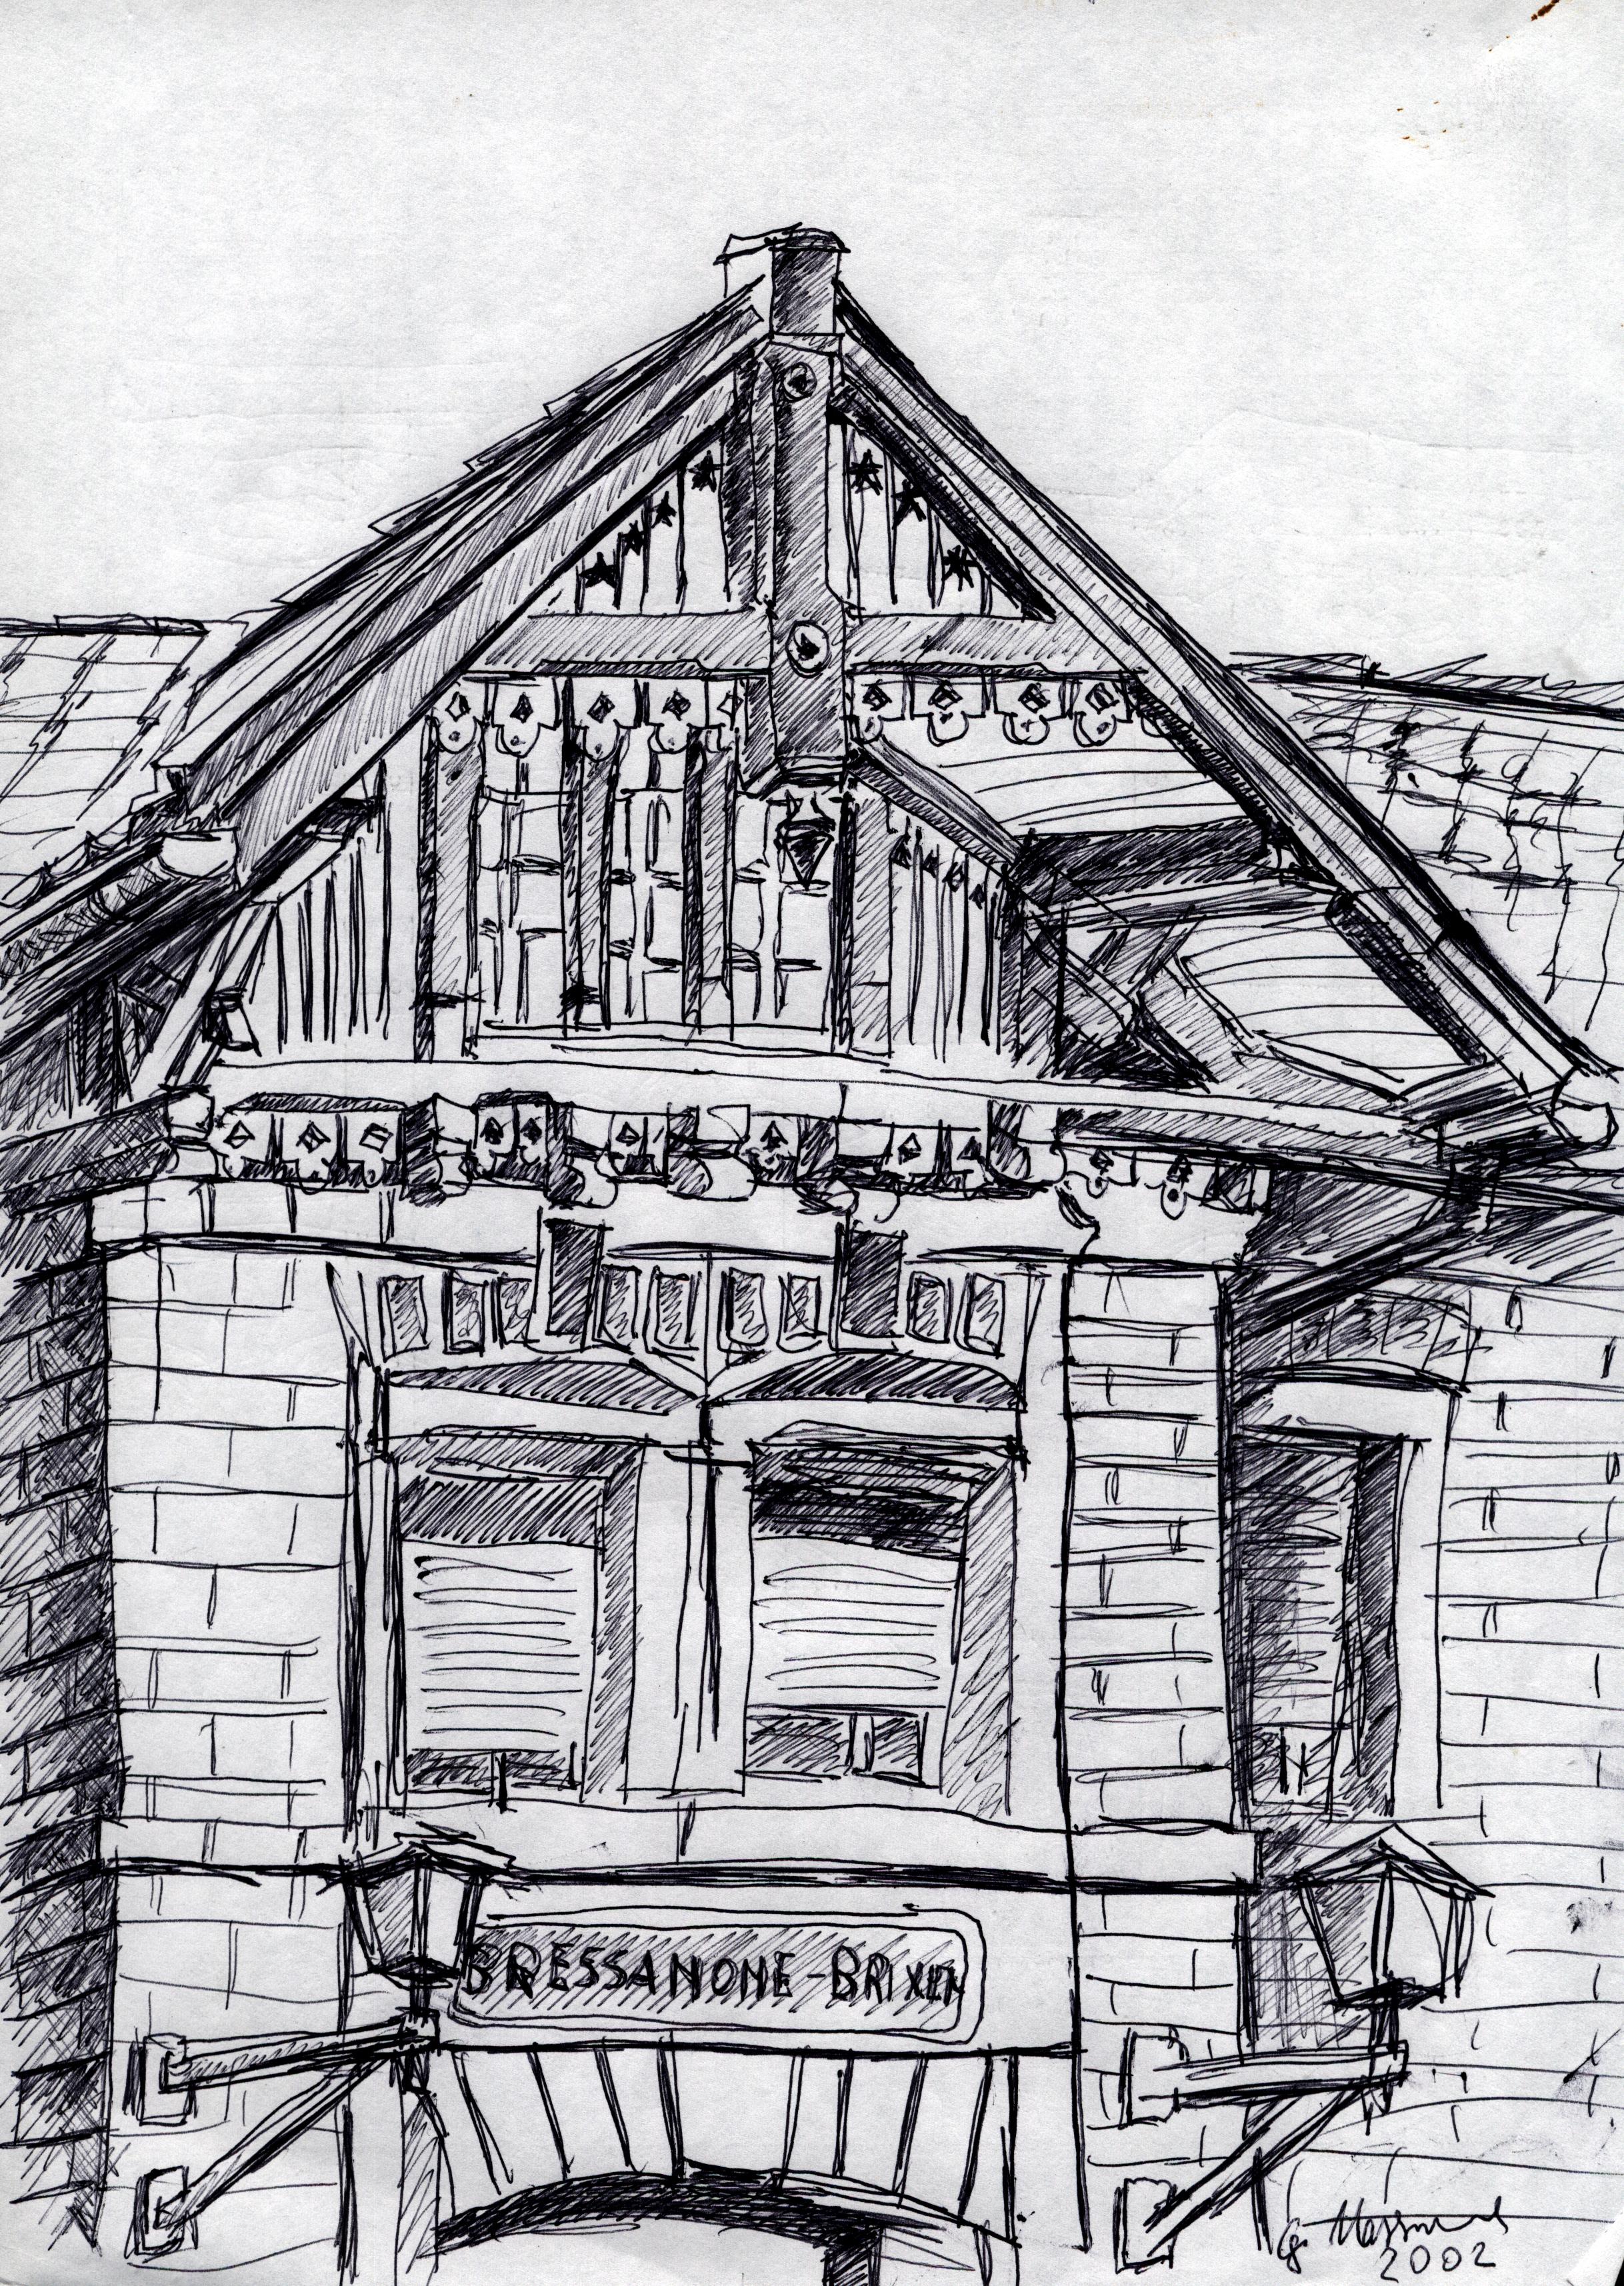 stazione Brixen